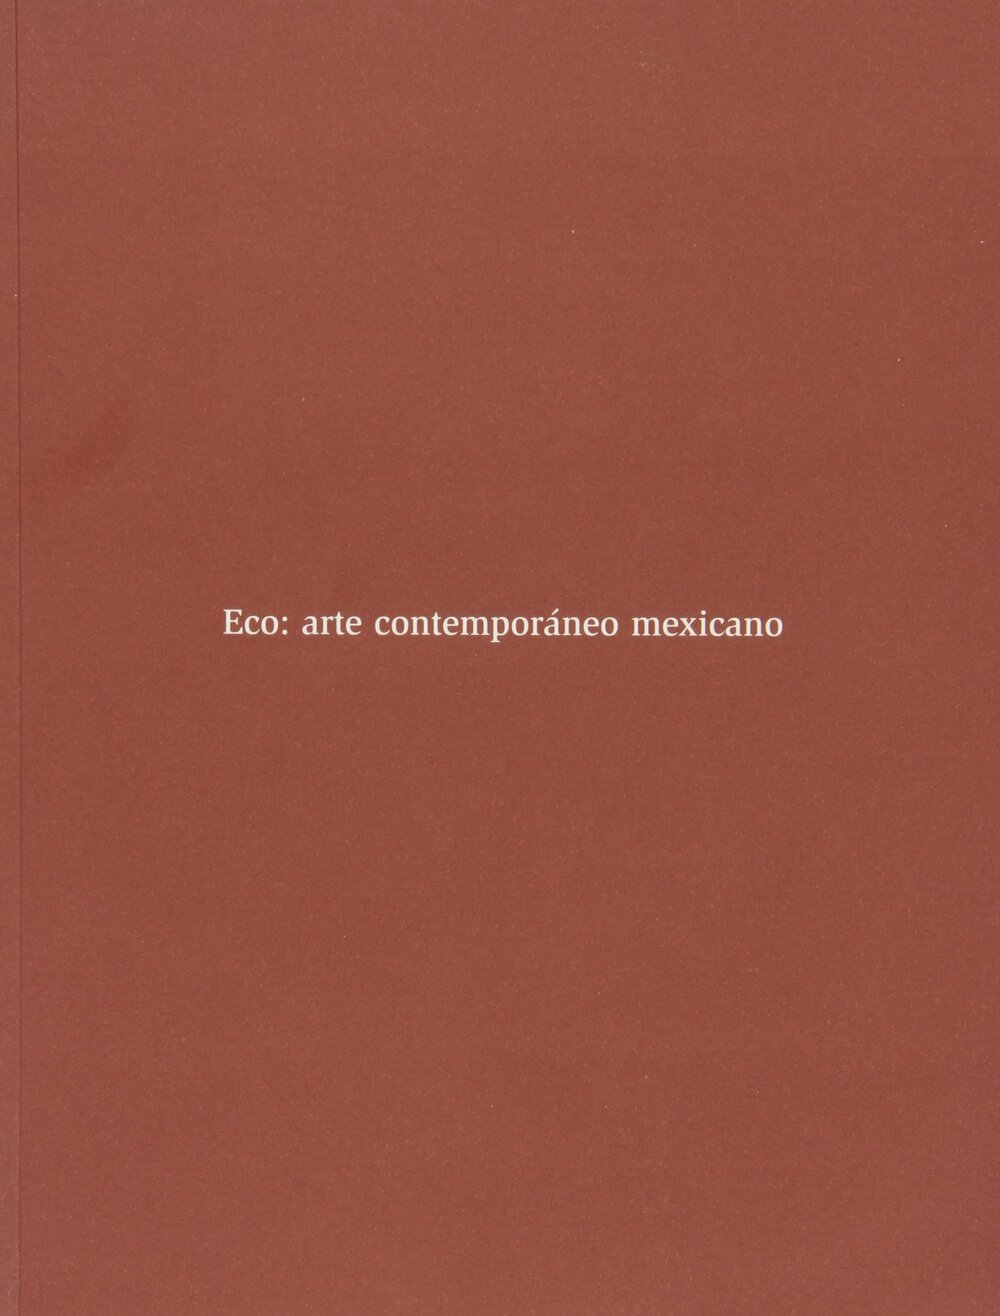 Eco: Arte Contemporáneo Mexicano  Museo Nacional Centro de Arte Reina Sofía ISBN: 84-8026-253-2